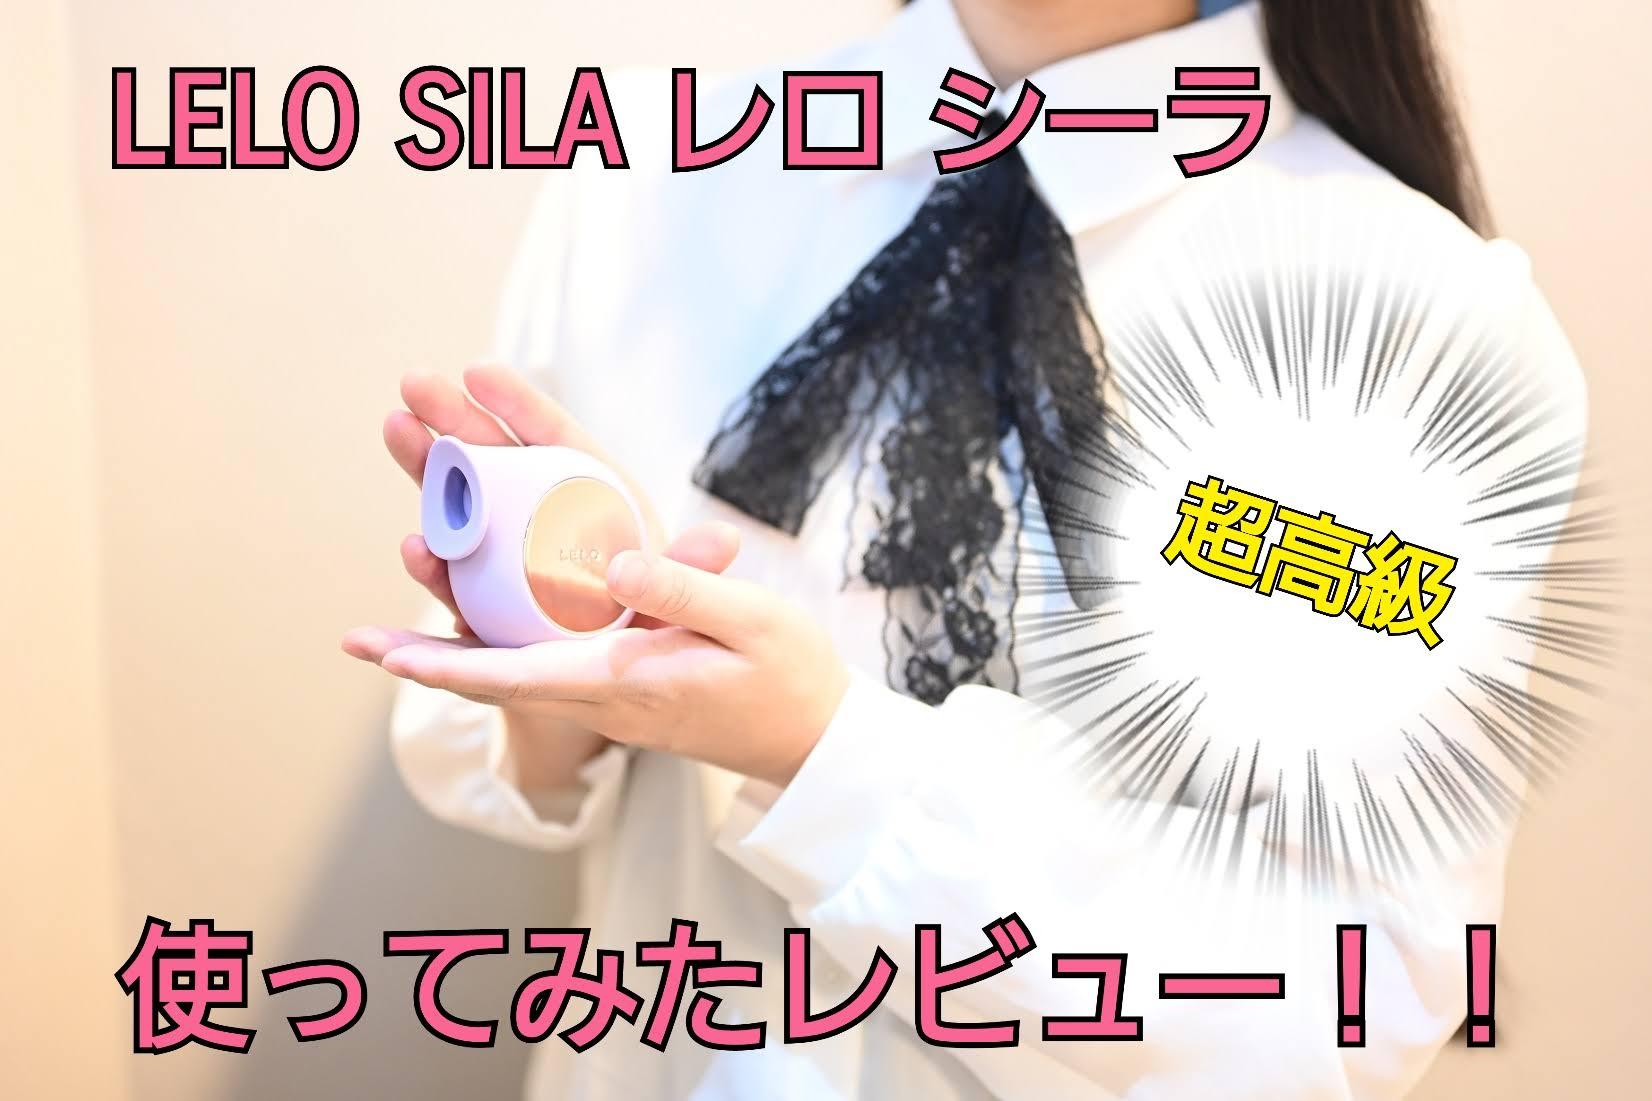 【アダルトグッズ】LELO SILA レロ シーラを使ってみたレビュー!